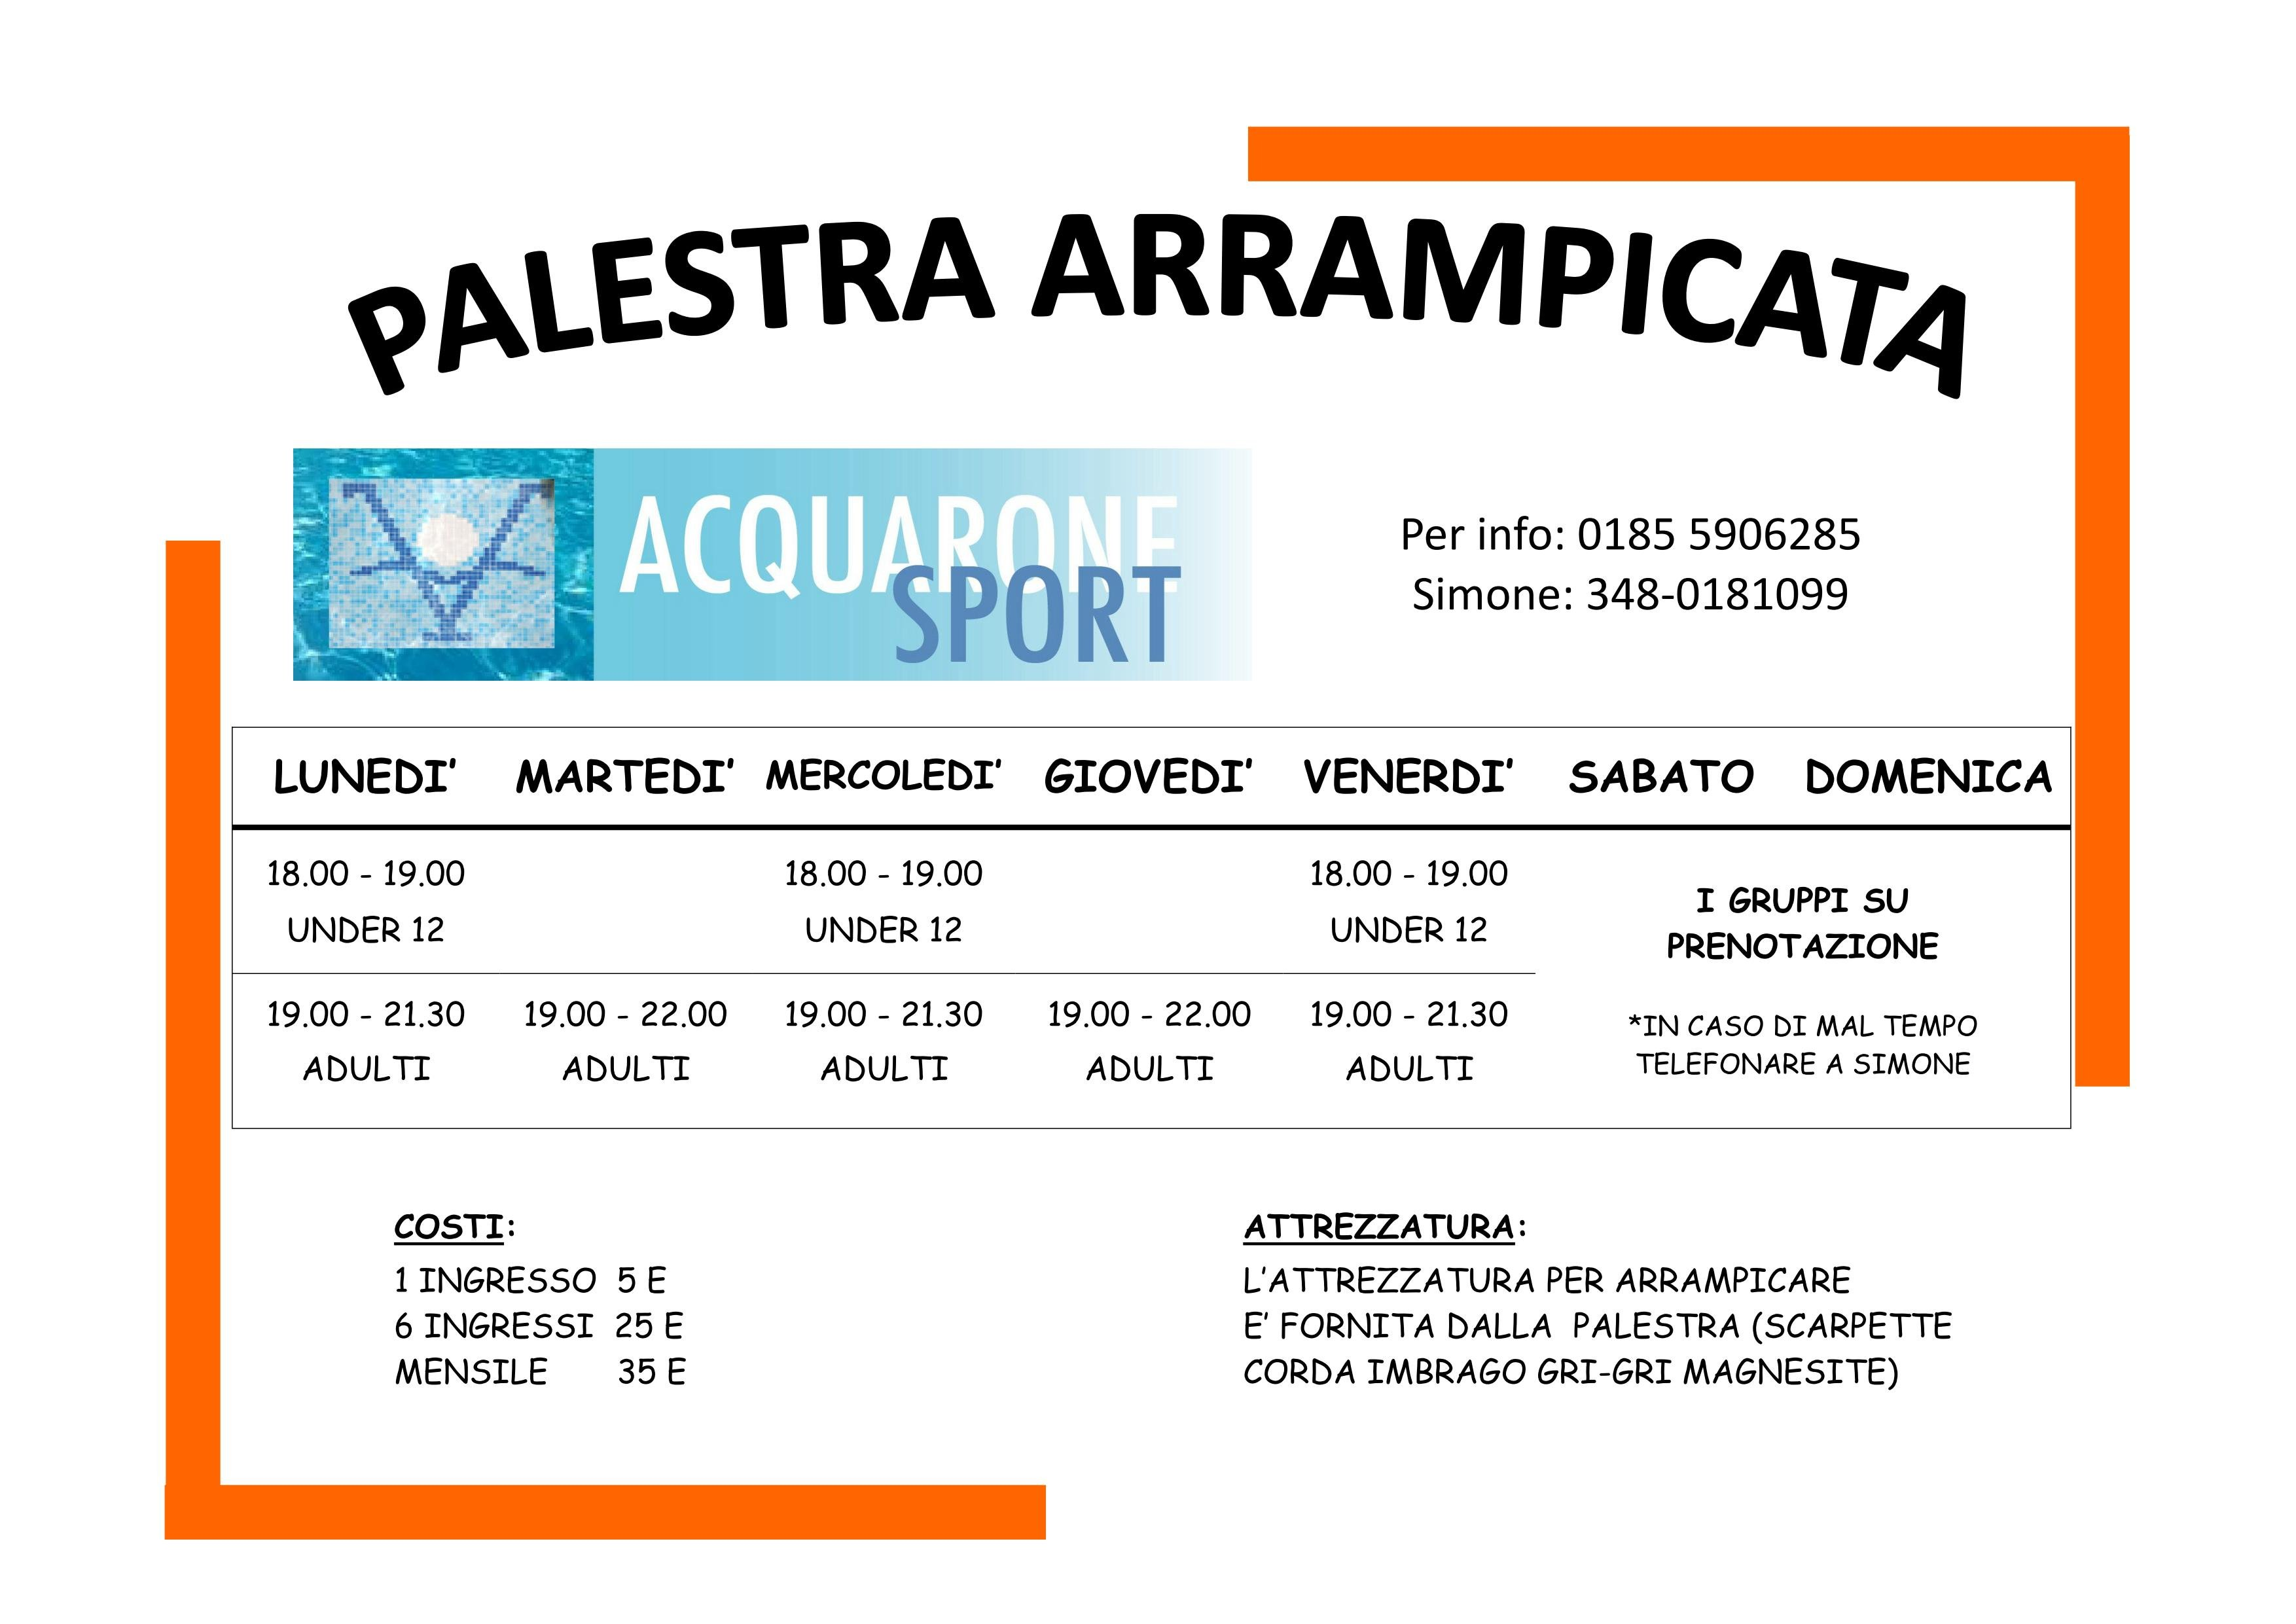 Acquarone Sport - Palestra Arrampicata 2019-2020